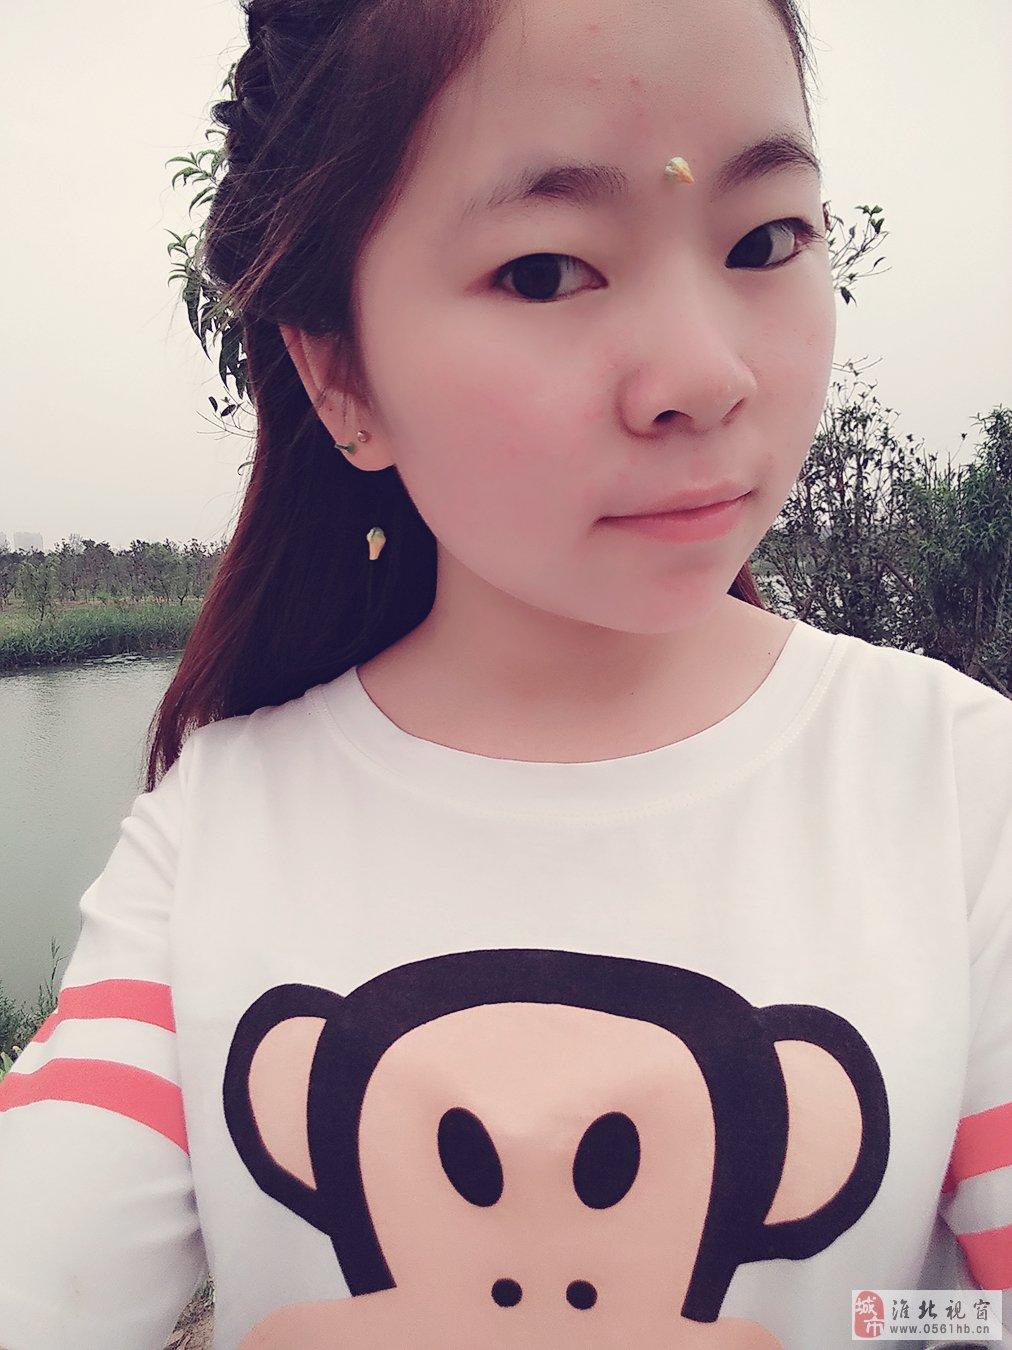 【美女秀场】冯春雨